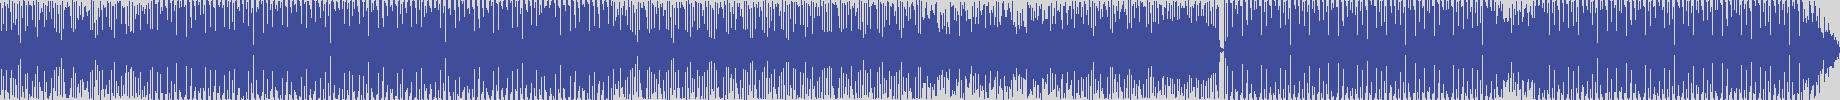 bunny_clan [BYC064] Kenny Bizzarro - Disc8 [Original Radio] audio wave form